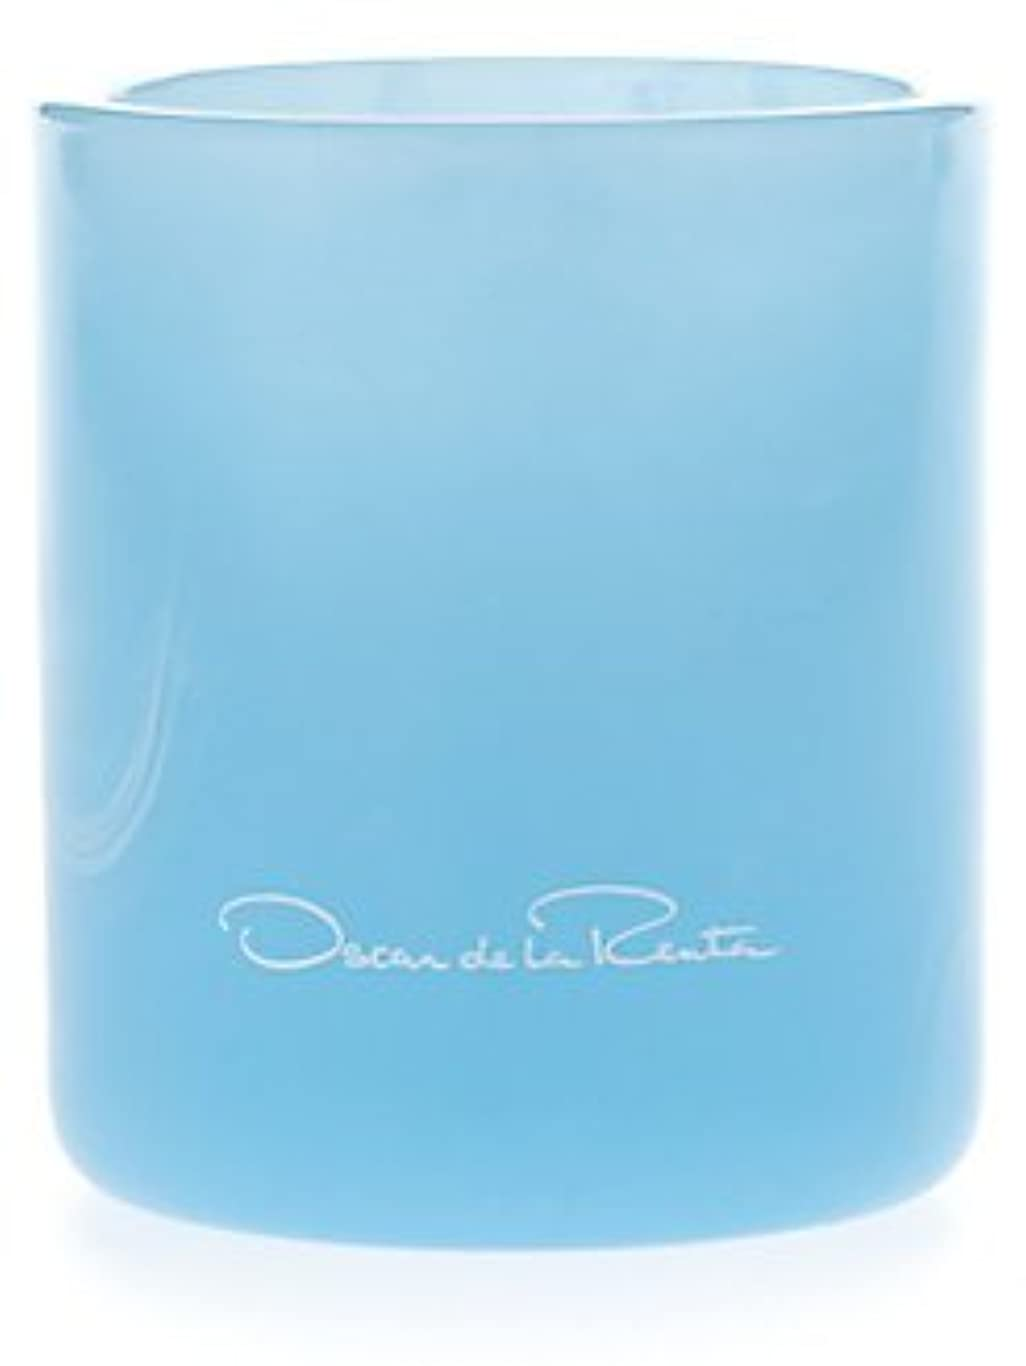 絡み合いもう一度ビジュアルSomething Blue (サムシング?ブルー) 7.0 oz (210ml) Candle by Oscar de la Renta for Women